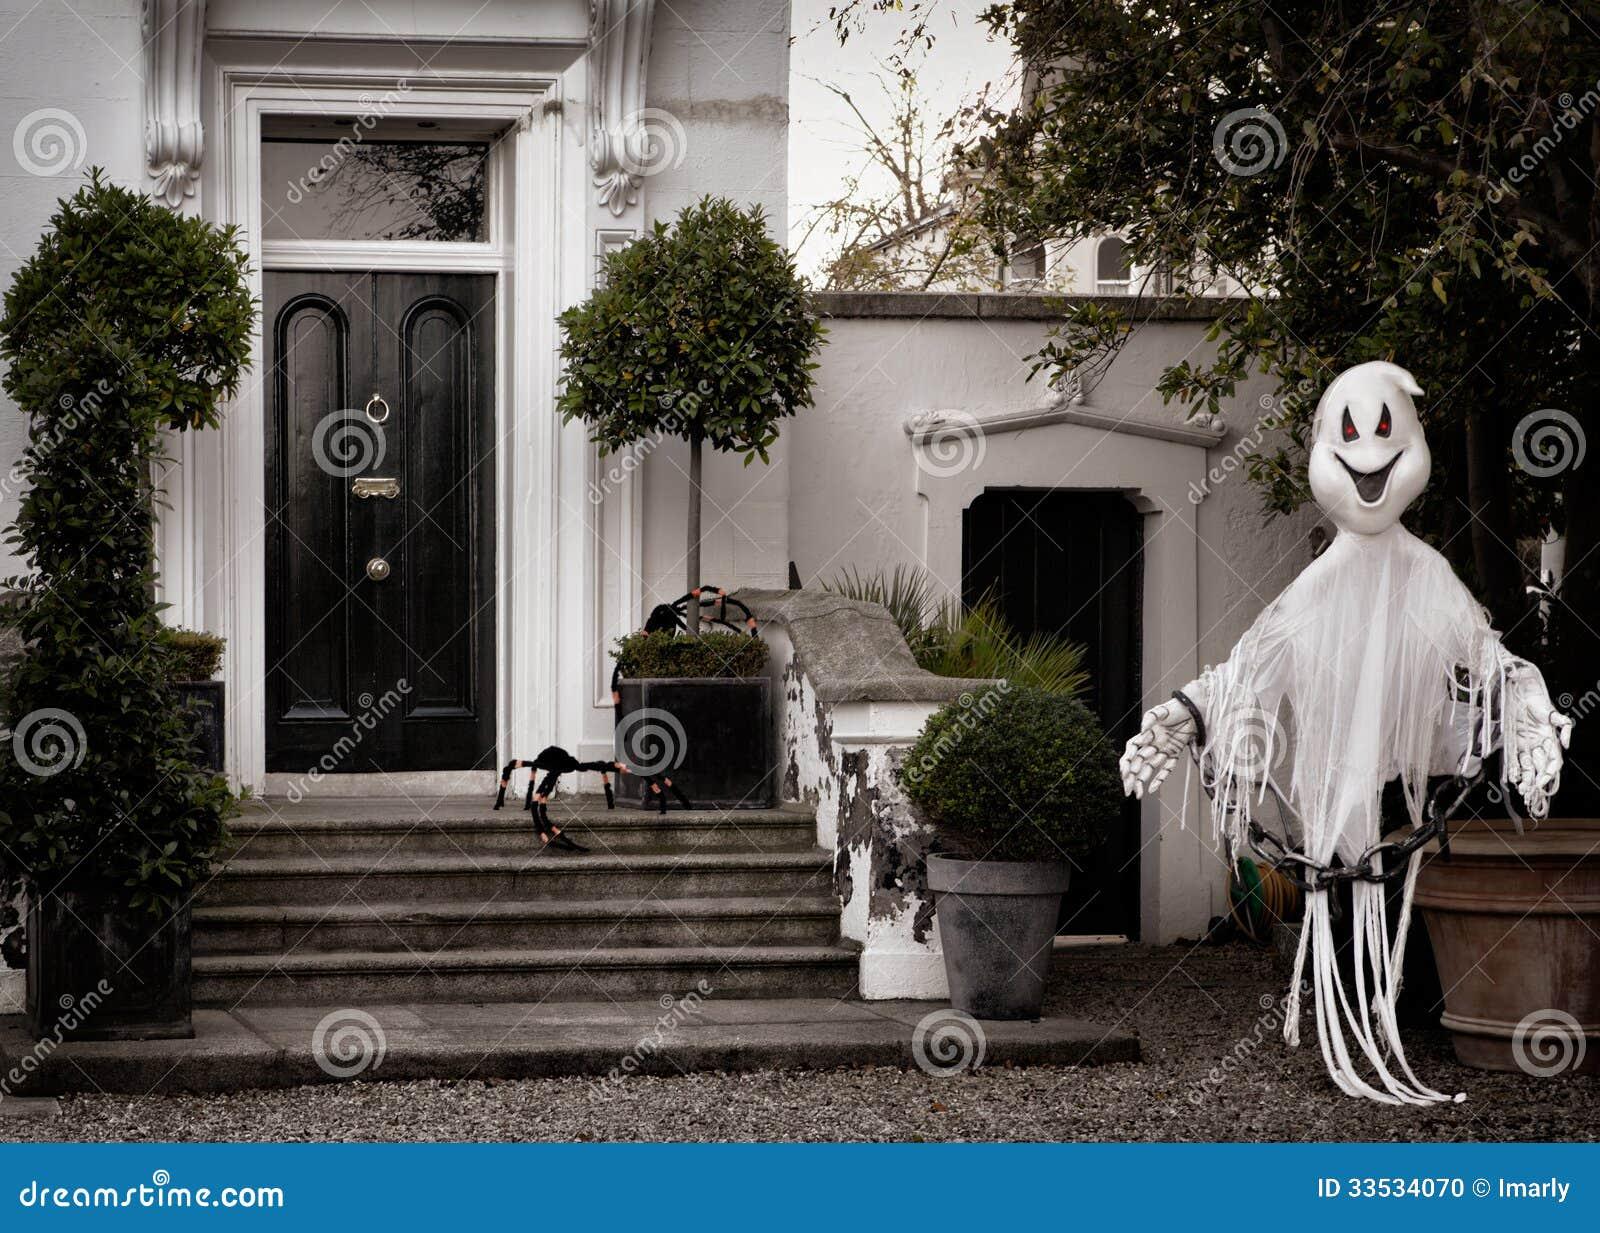 Decoracion Jardin Halloween ~ Decoraci?n Delantera Del Jard?n Para Halloween Con El Fantasma